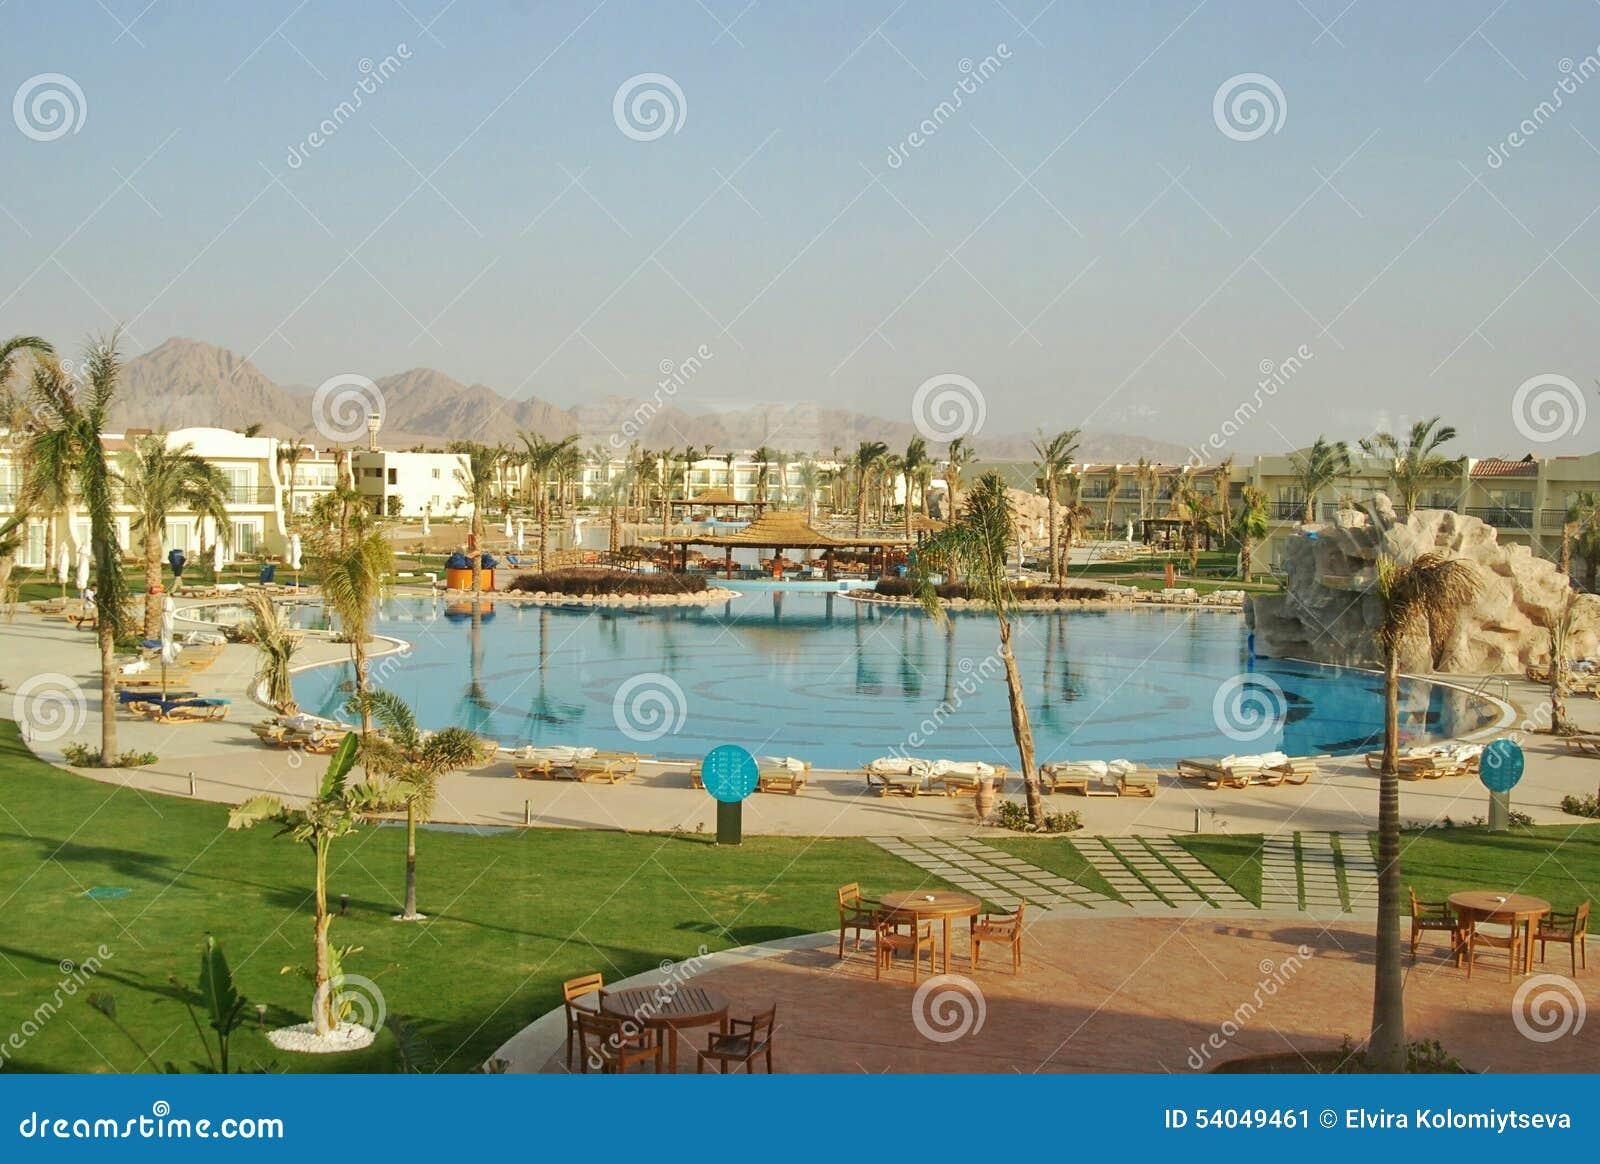 Pływacki basen Hilton rekinów Podpalany hotel